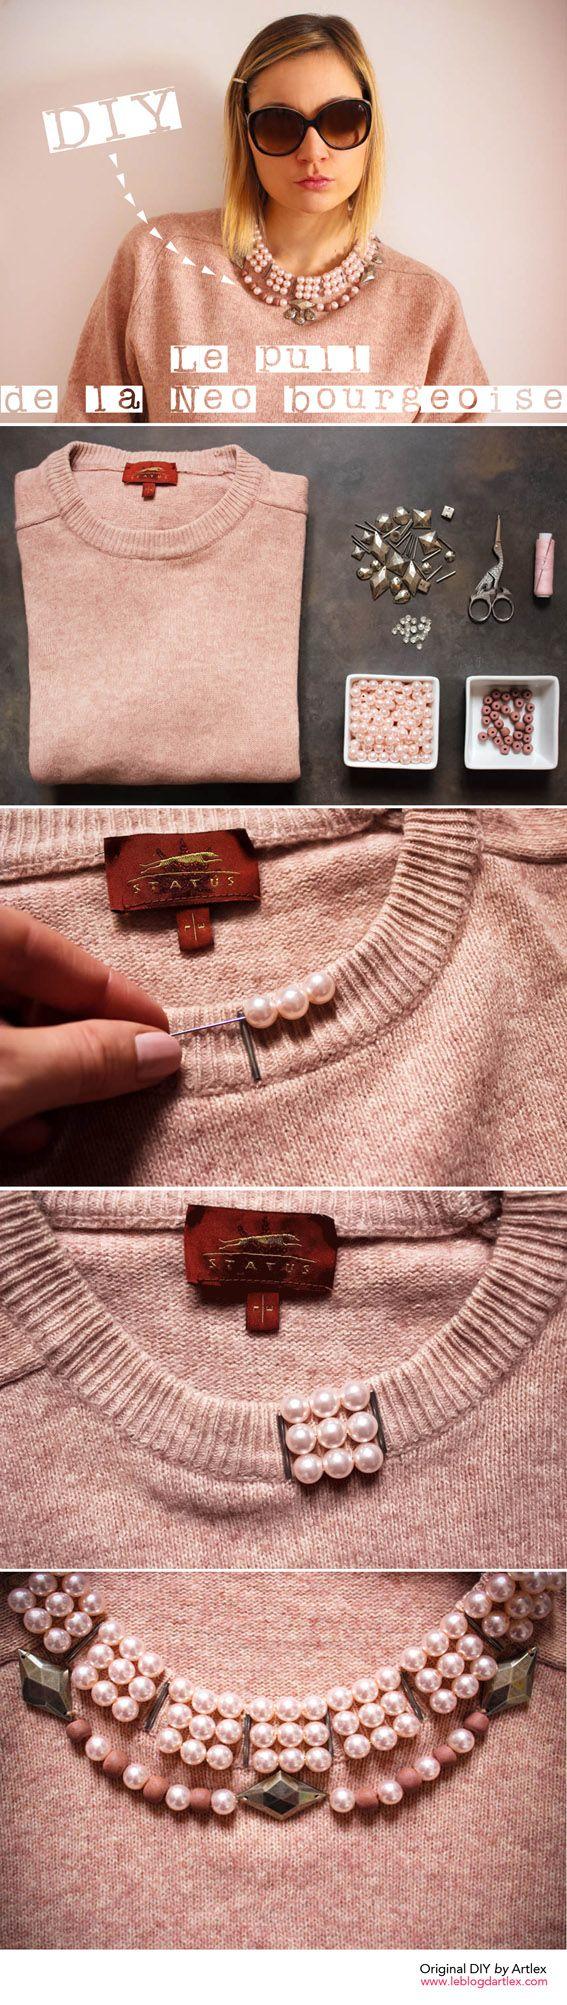 Customizando gola de blusa.